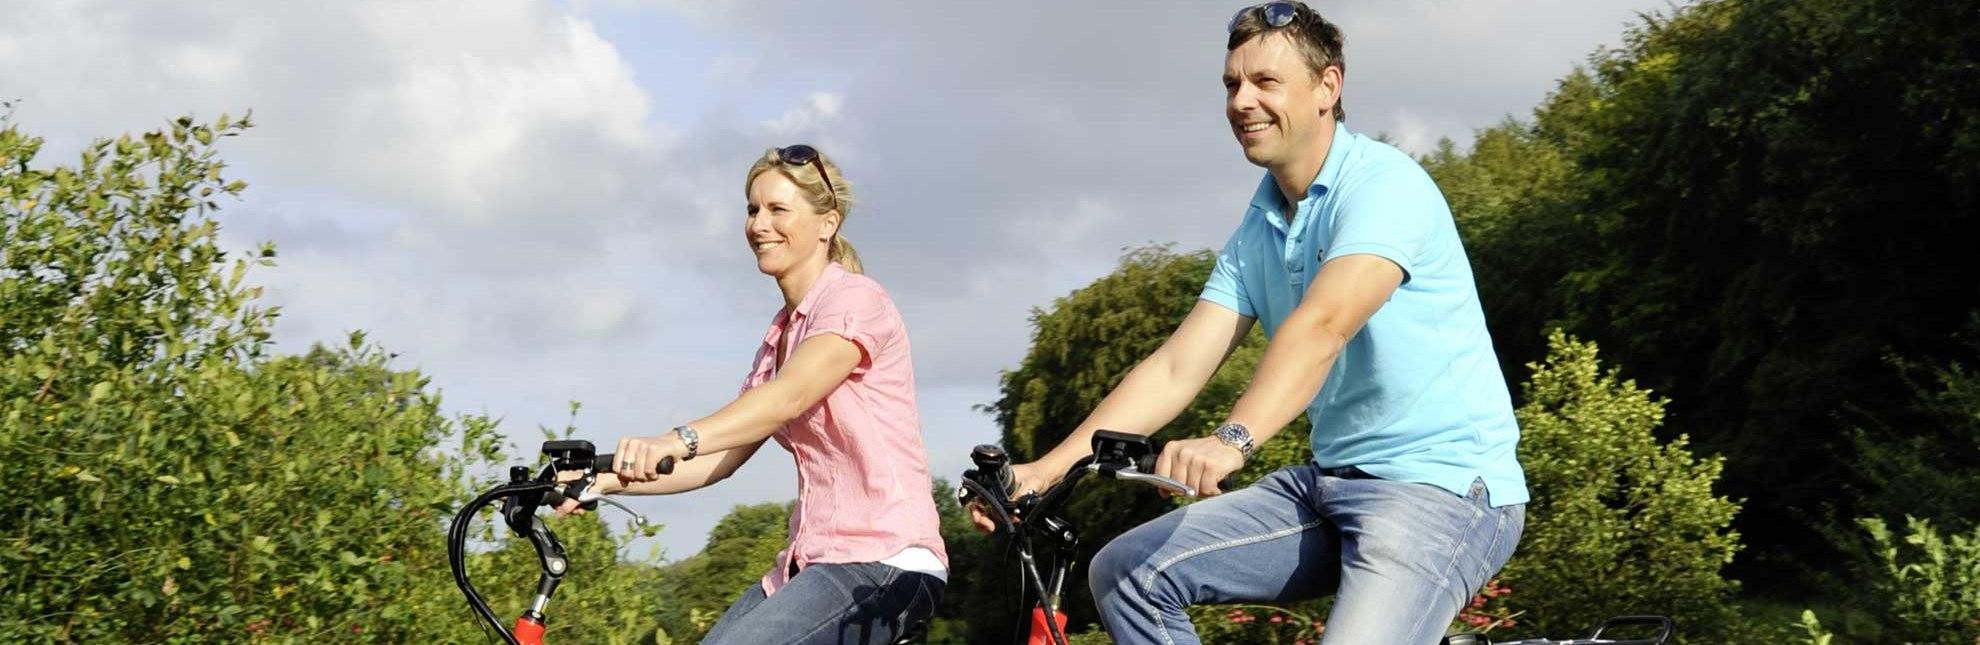 Mit dem Rad auf der Städtetour, © photocompany/ HLMS